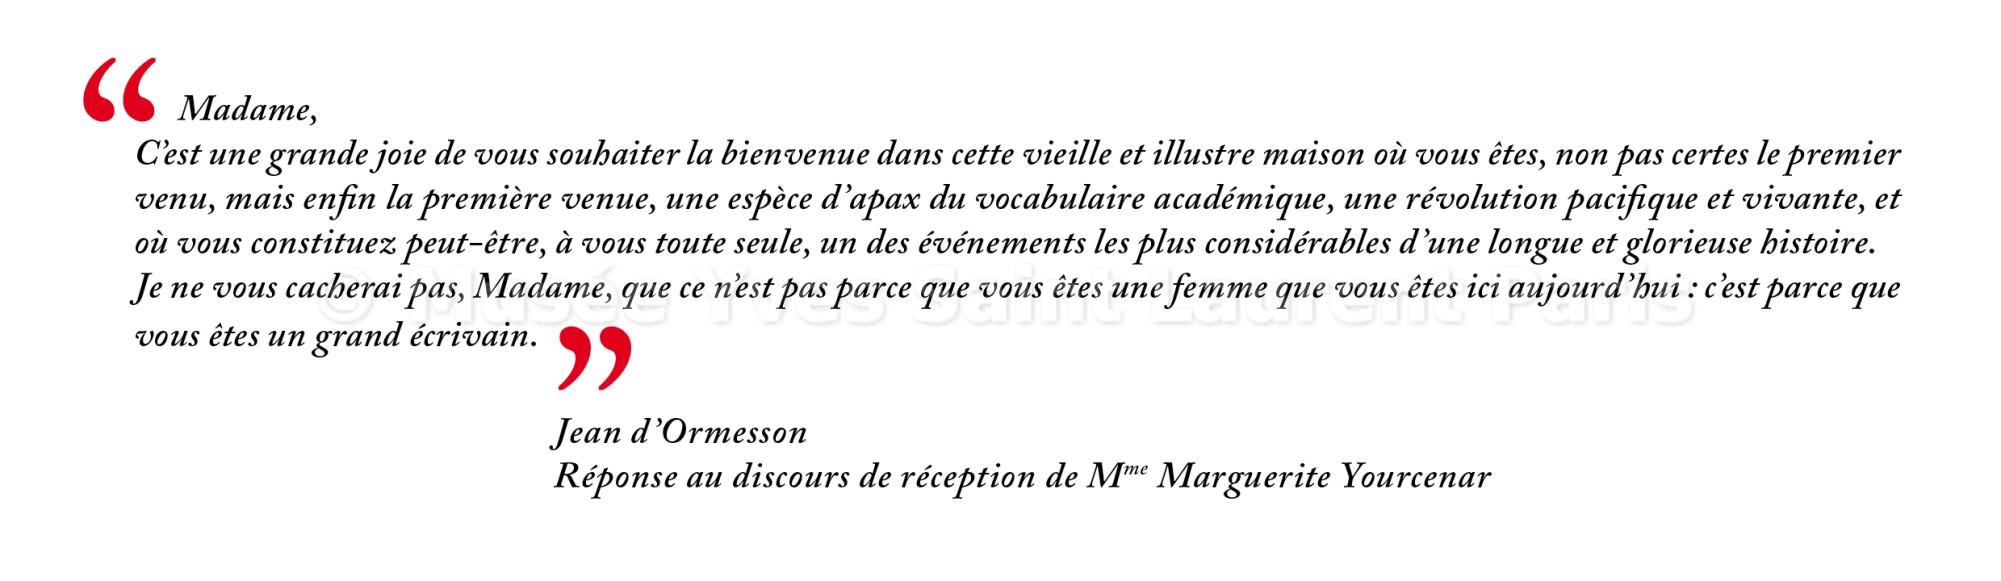 Image Citation Jean D Ormesson